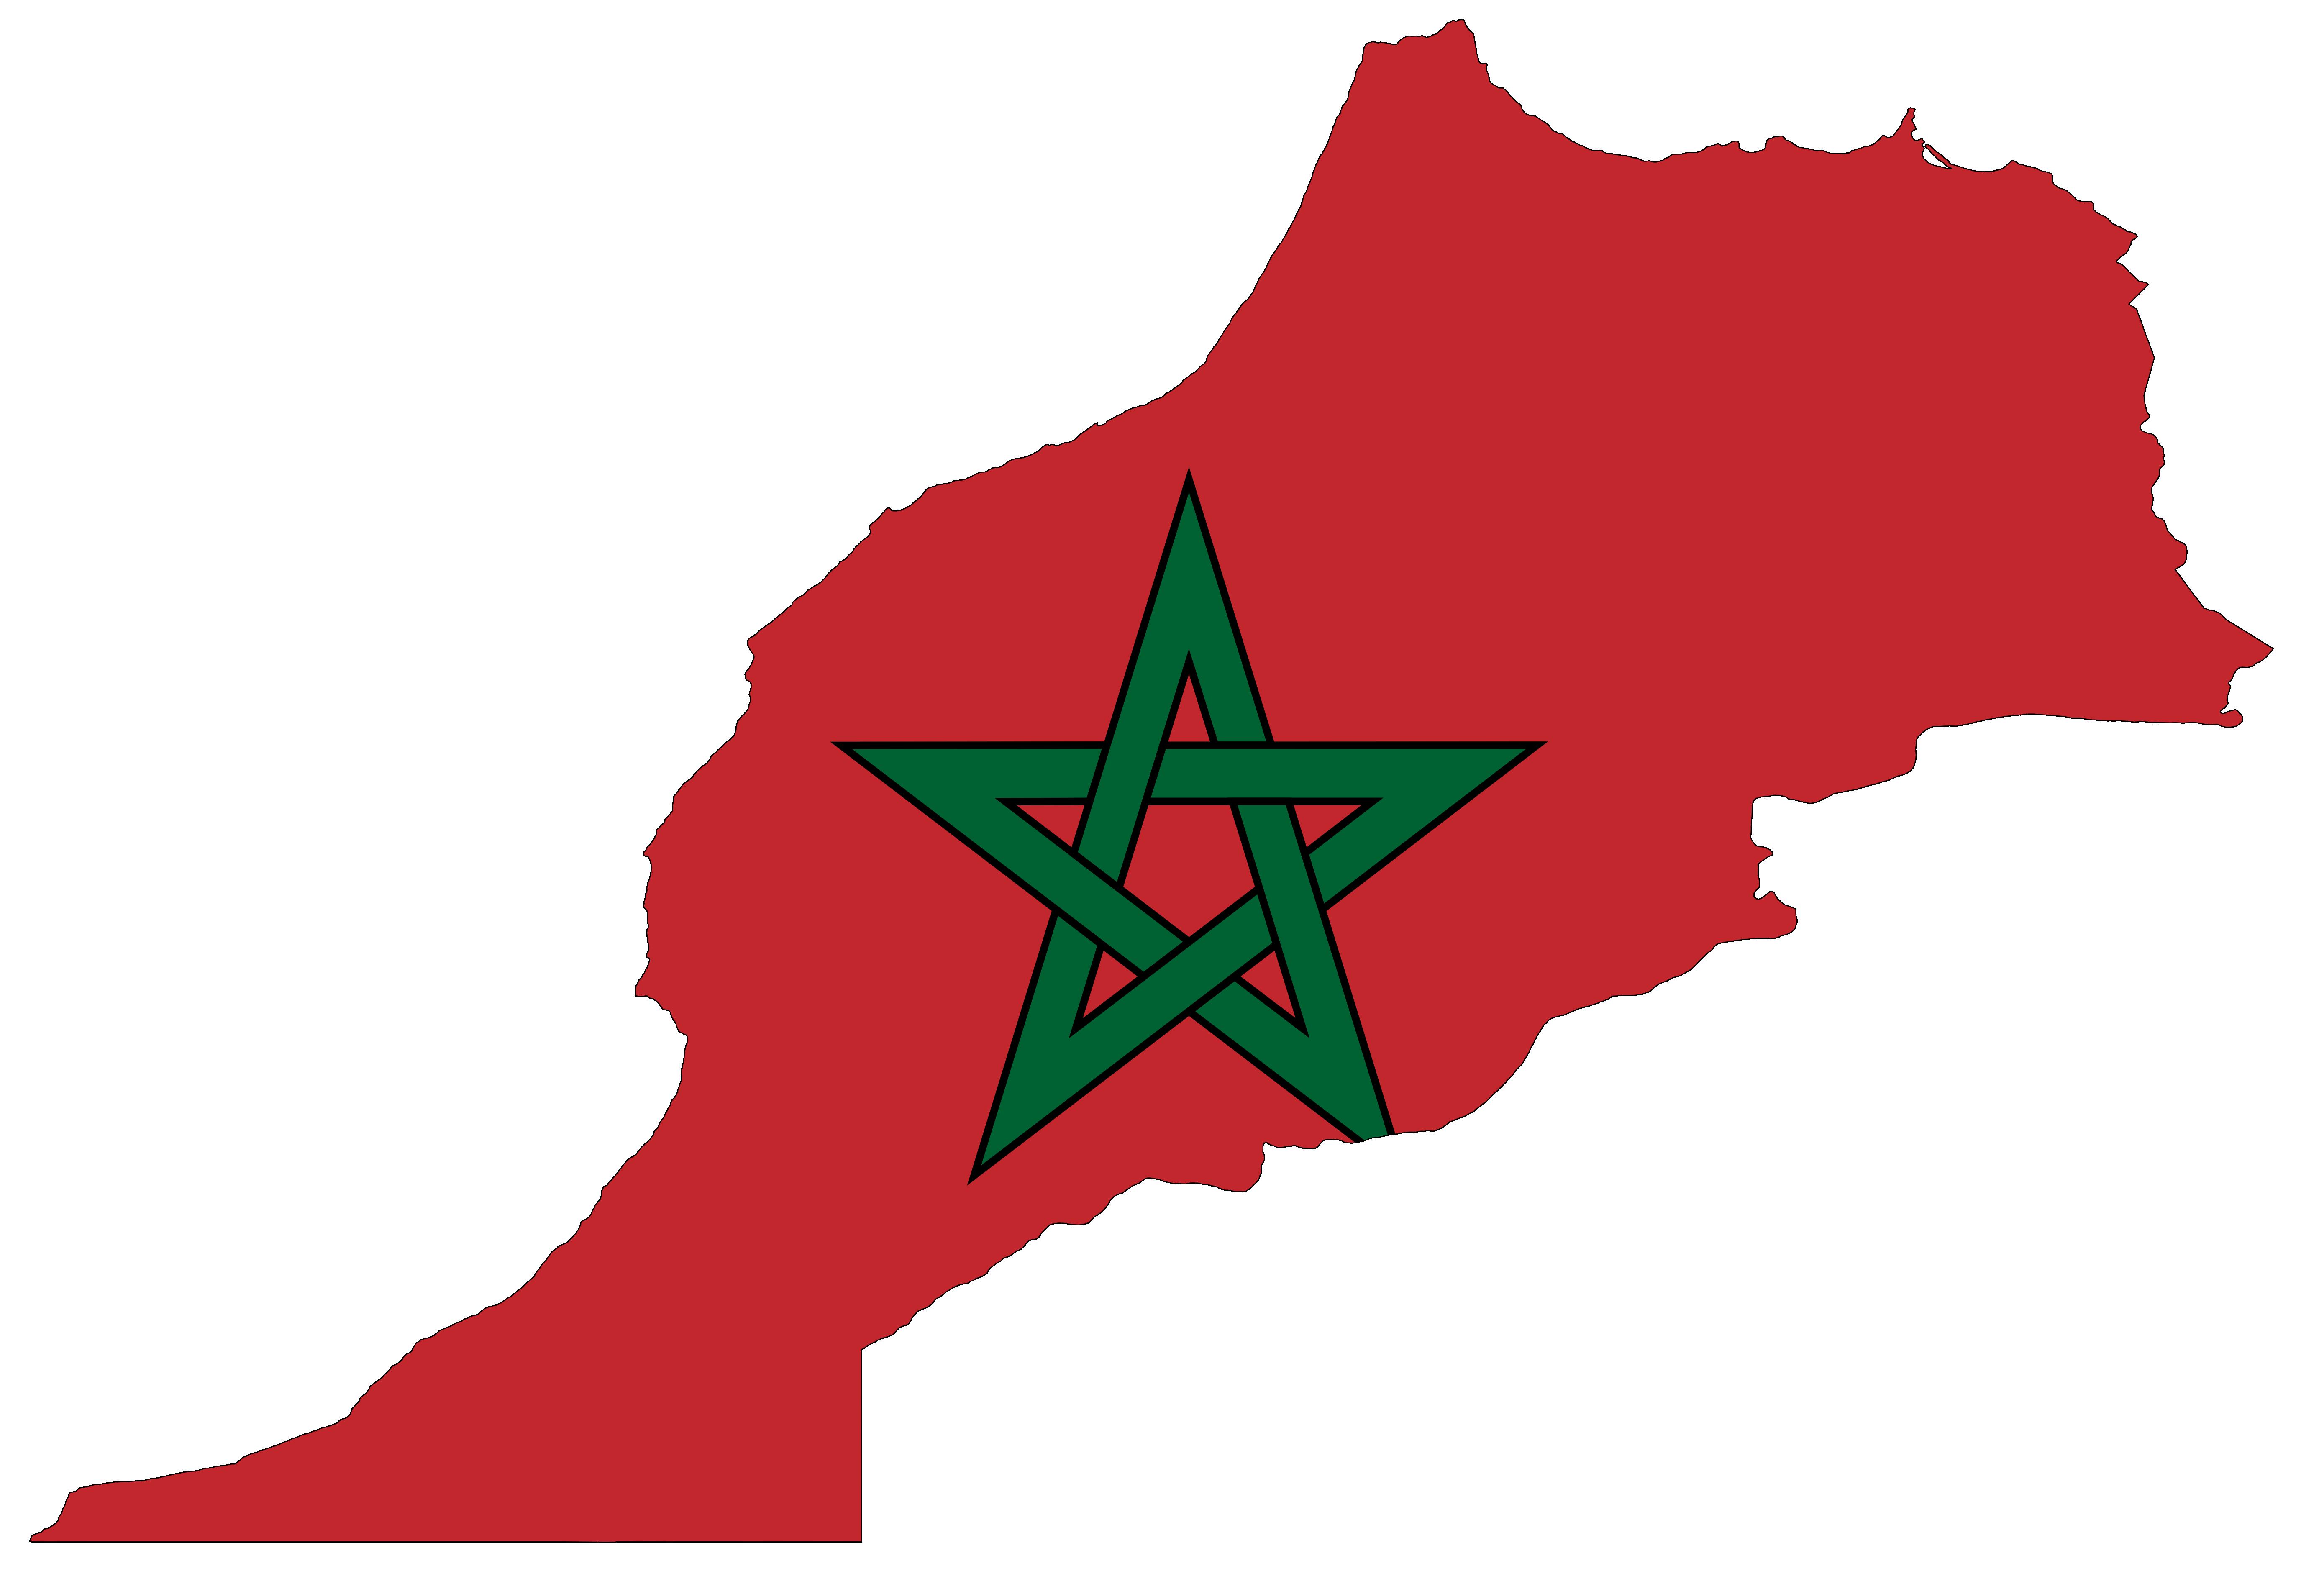 صور علم المغرب , خلفيات ورمزيات المغرب , صور متحركة لعلم المغرب 2017 , Morocco new_1422296984_624